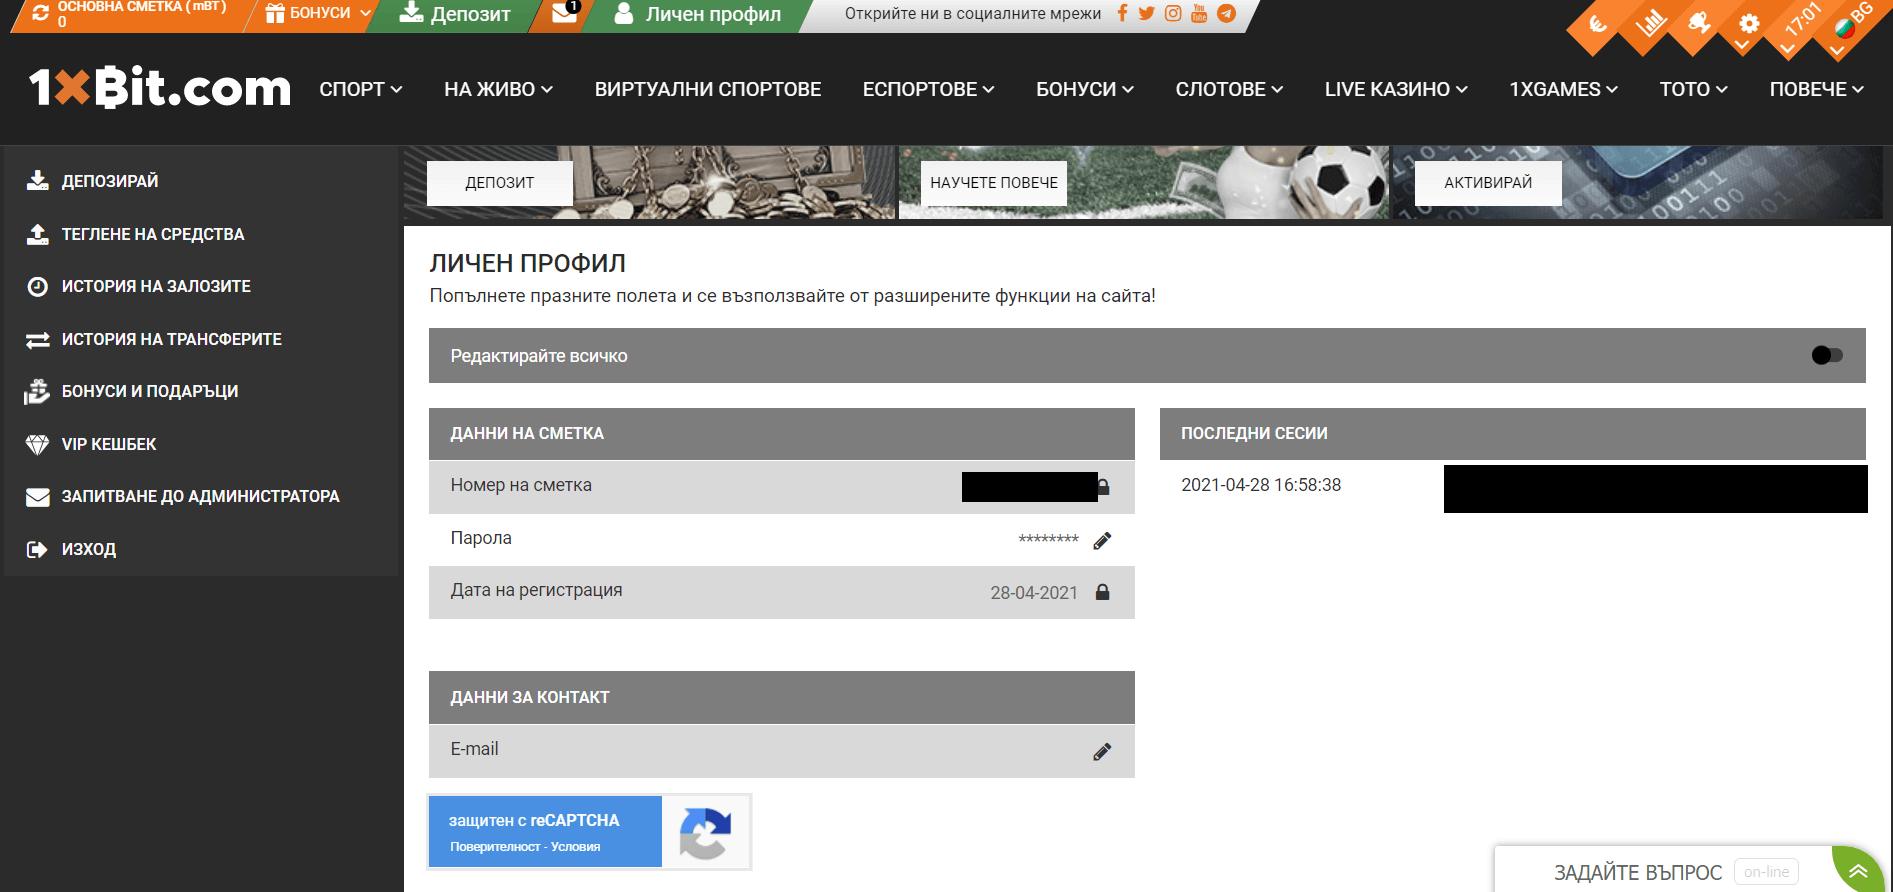 1xbit lichen profil-komarbet.com